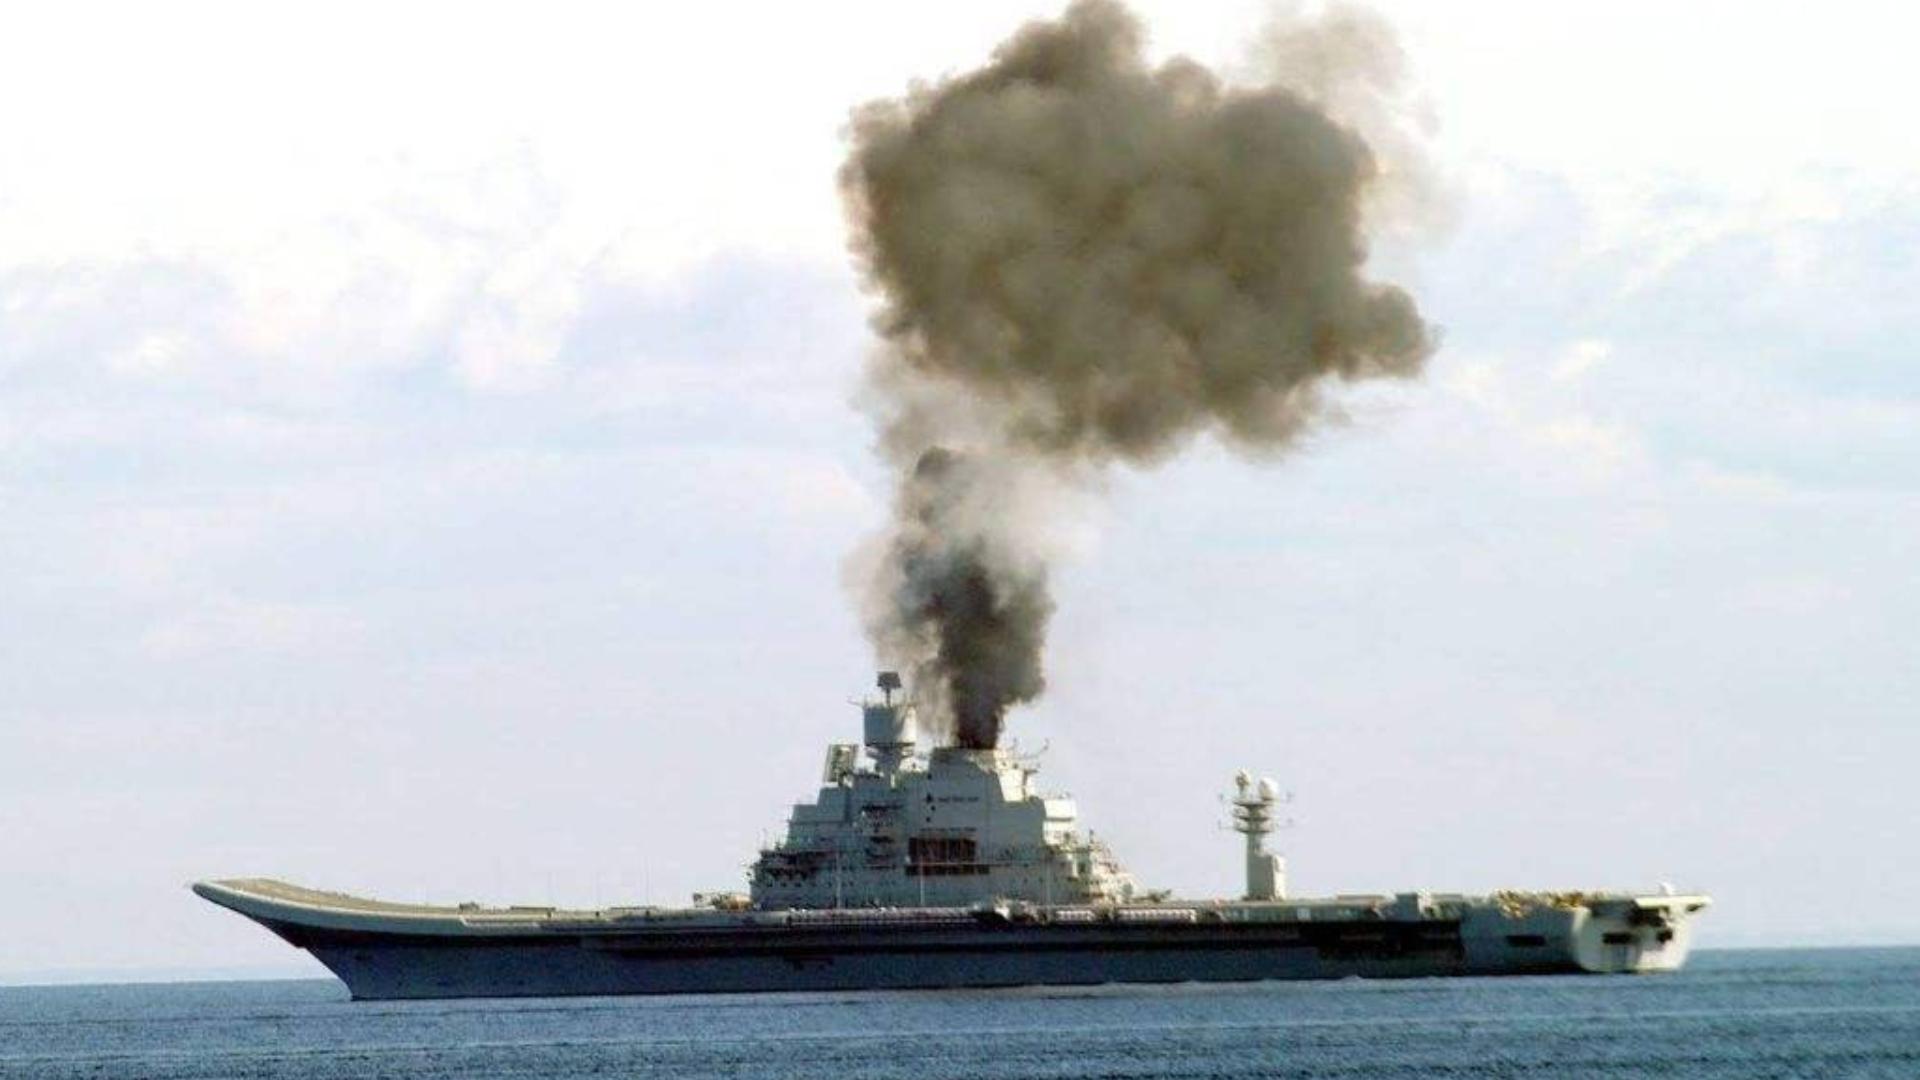 俄罗斯航母冒黑烟根源找出:300个零件被拆卖给黑市,果然家贼难防